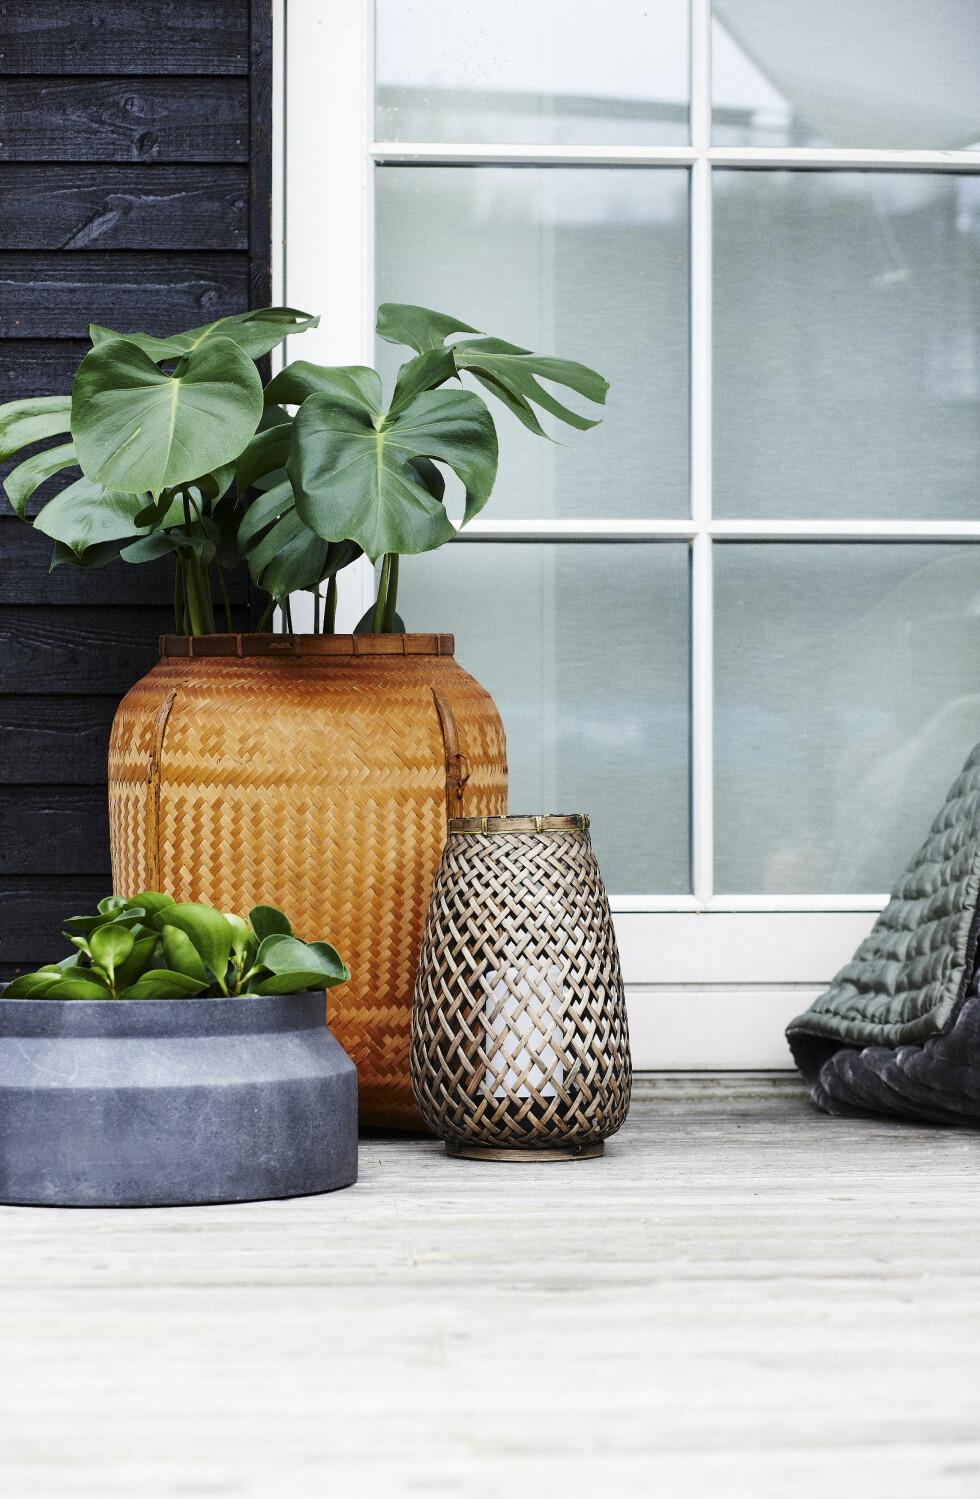 GRØNT OG FRODIG: Grønne planter er et må-ha på terrassen. Jobb gjerne med stylingen av dem, så får du litt mer din egen stil. Varier pottene, både i størrelse, form og materialer, og bland også grønne og blomstrende planter.  Foto: Mette Wotkjær